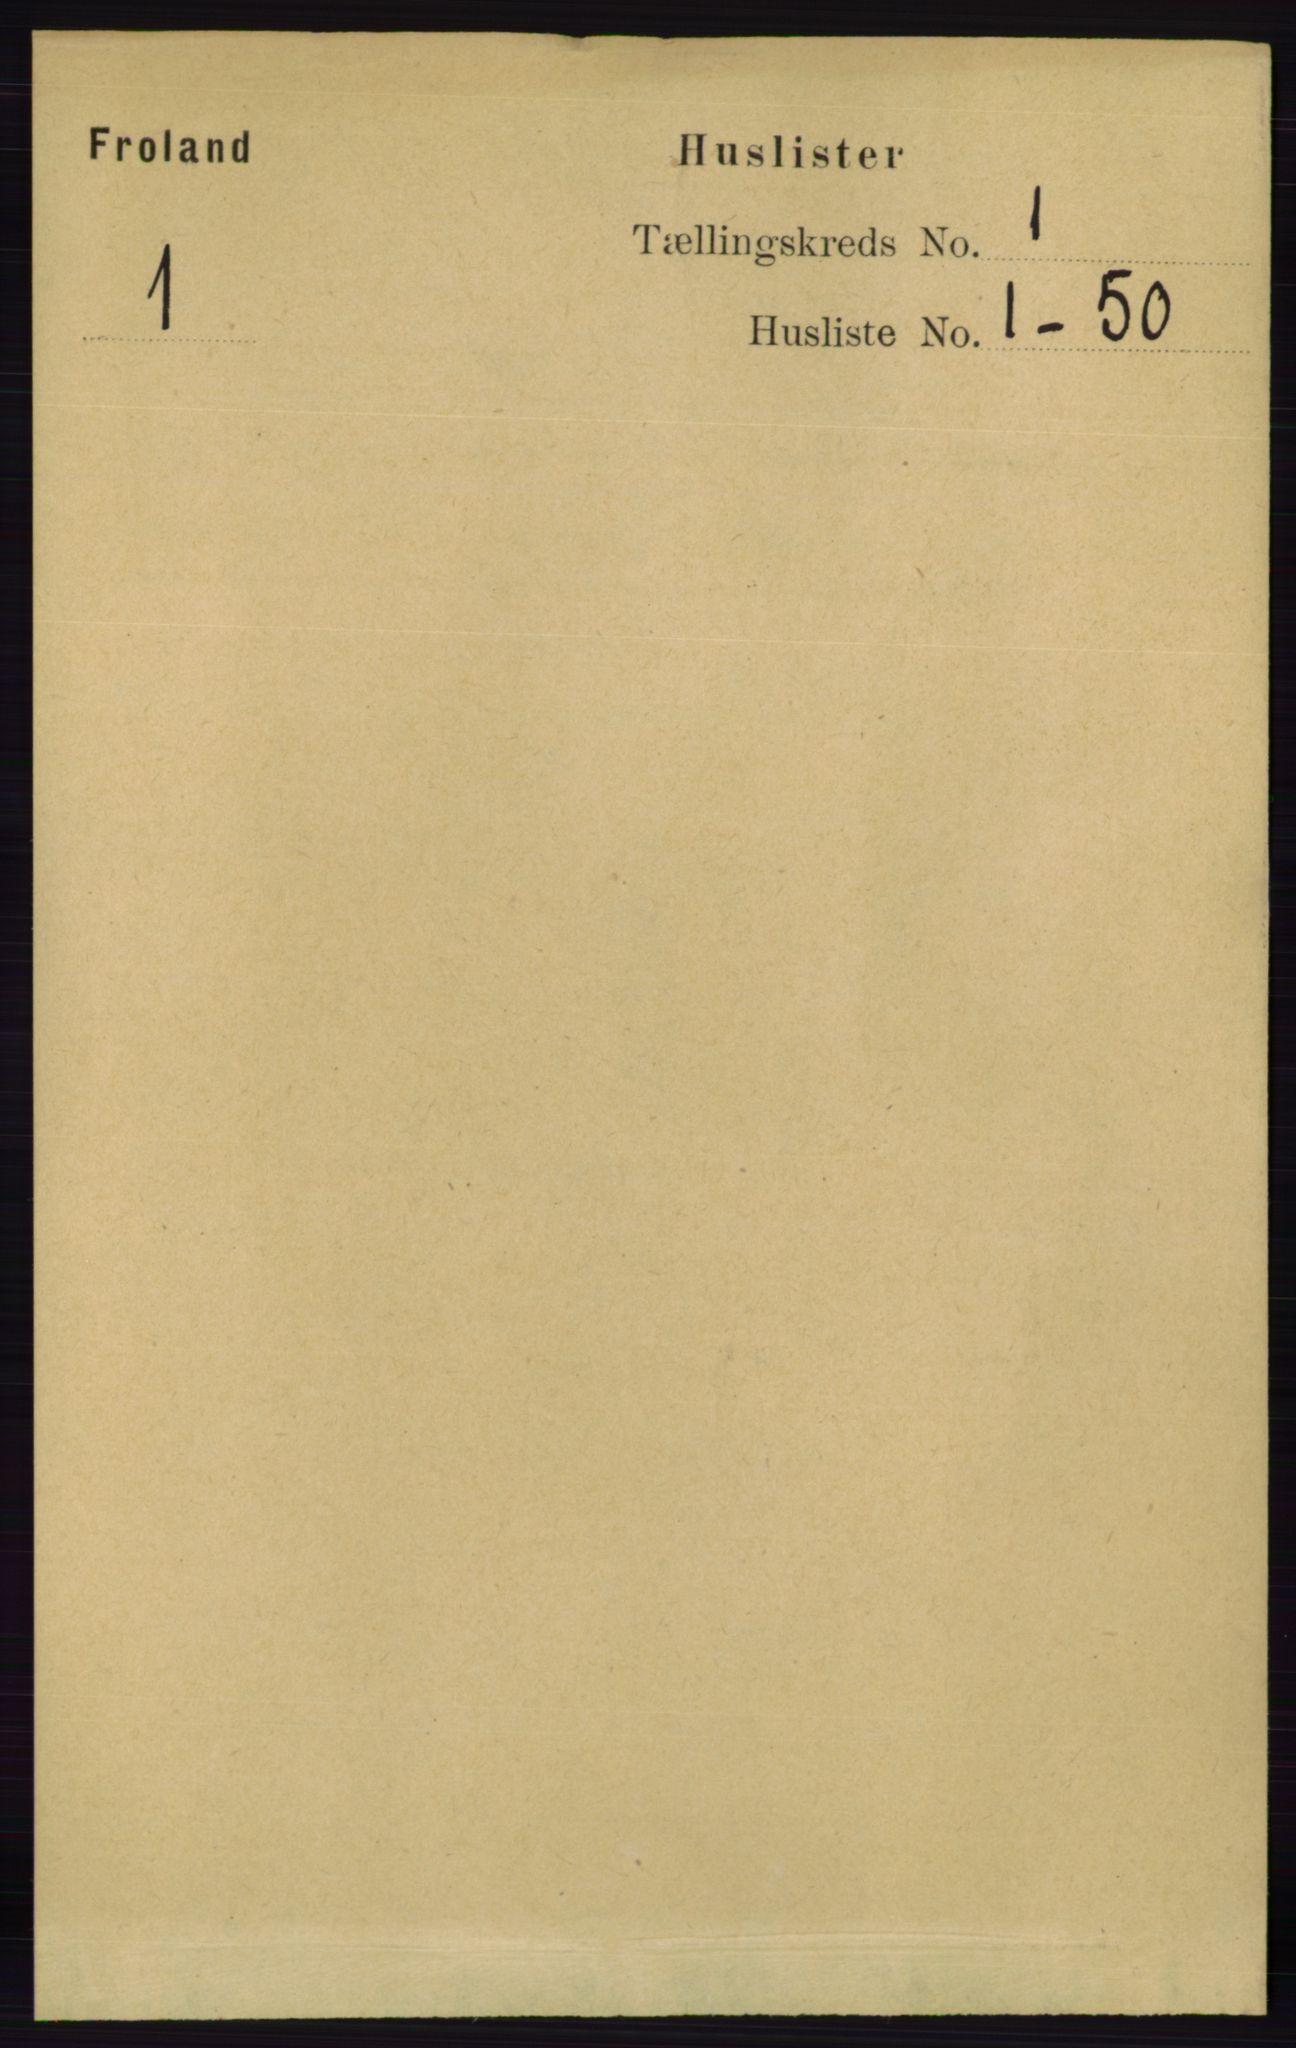 RA, Folketelling 1891 for 0919 Froland herred, 1891, s. 19